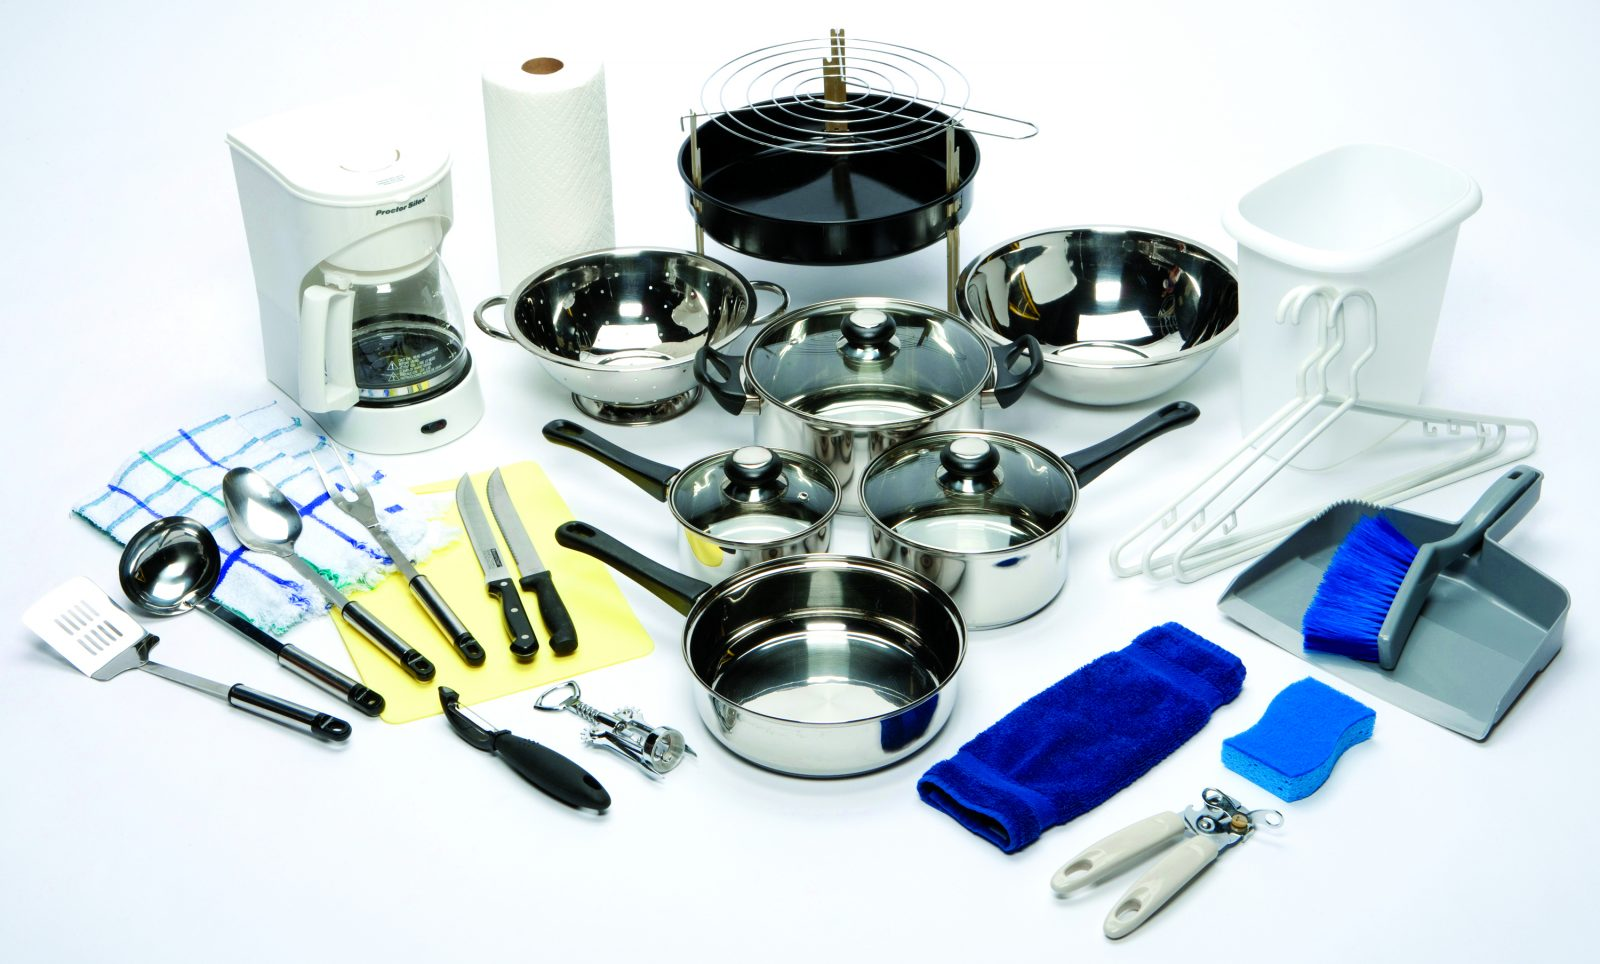 Selecci n de utensilios de cocina im genes y fotos for Utensilios de cocina tumblr